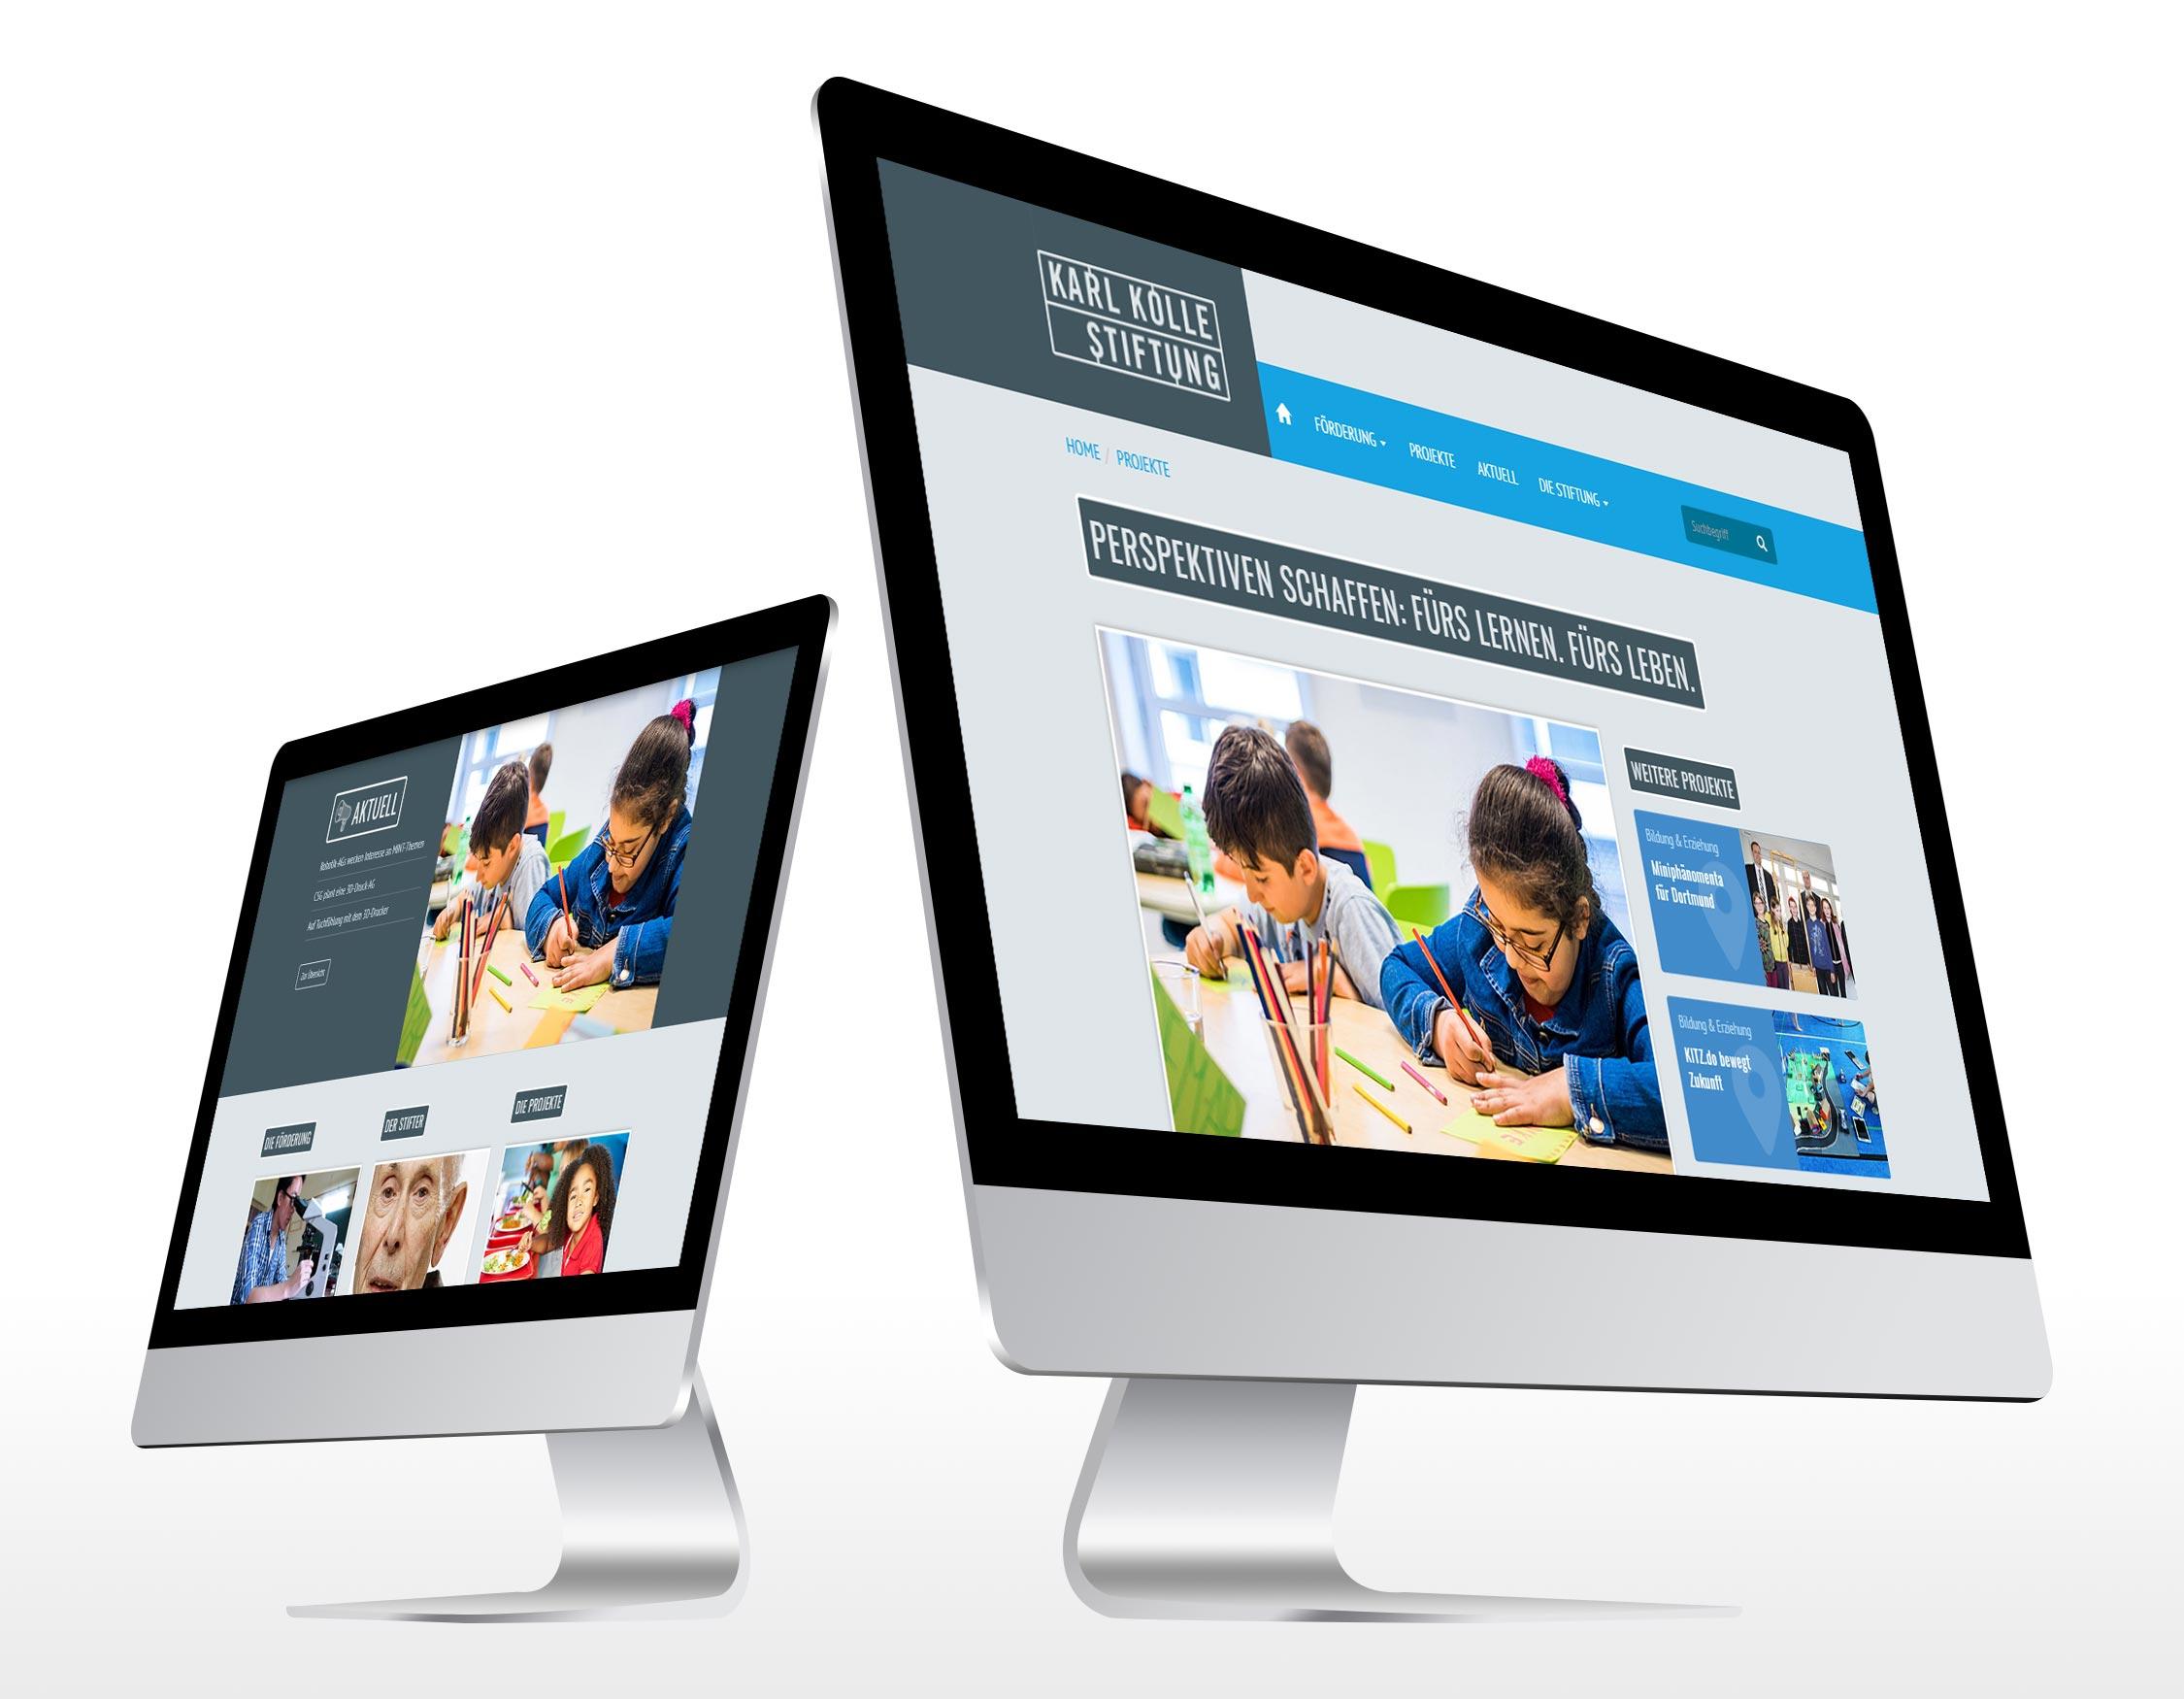 Referenz Erstellung TYPO3 Webseite Karl-Kolle-Stiftung, Dortmund